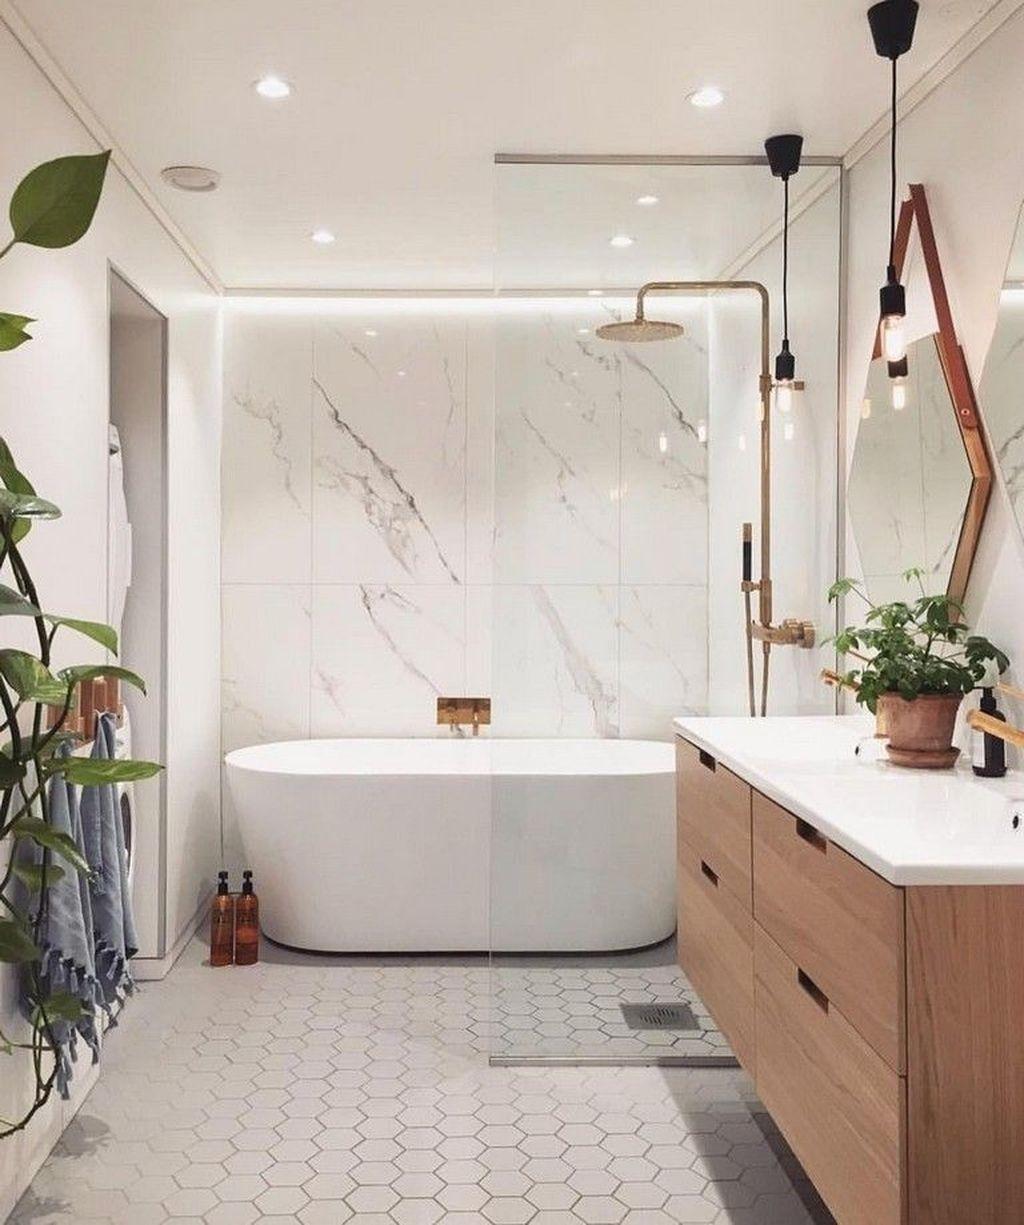 20 Popular Escandinavo Ideas De Bano Bathroom Interior Design Scandinavian Bathroom Design Cozy Bathroom